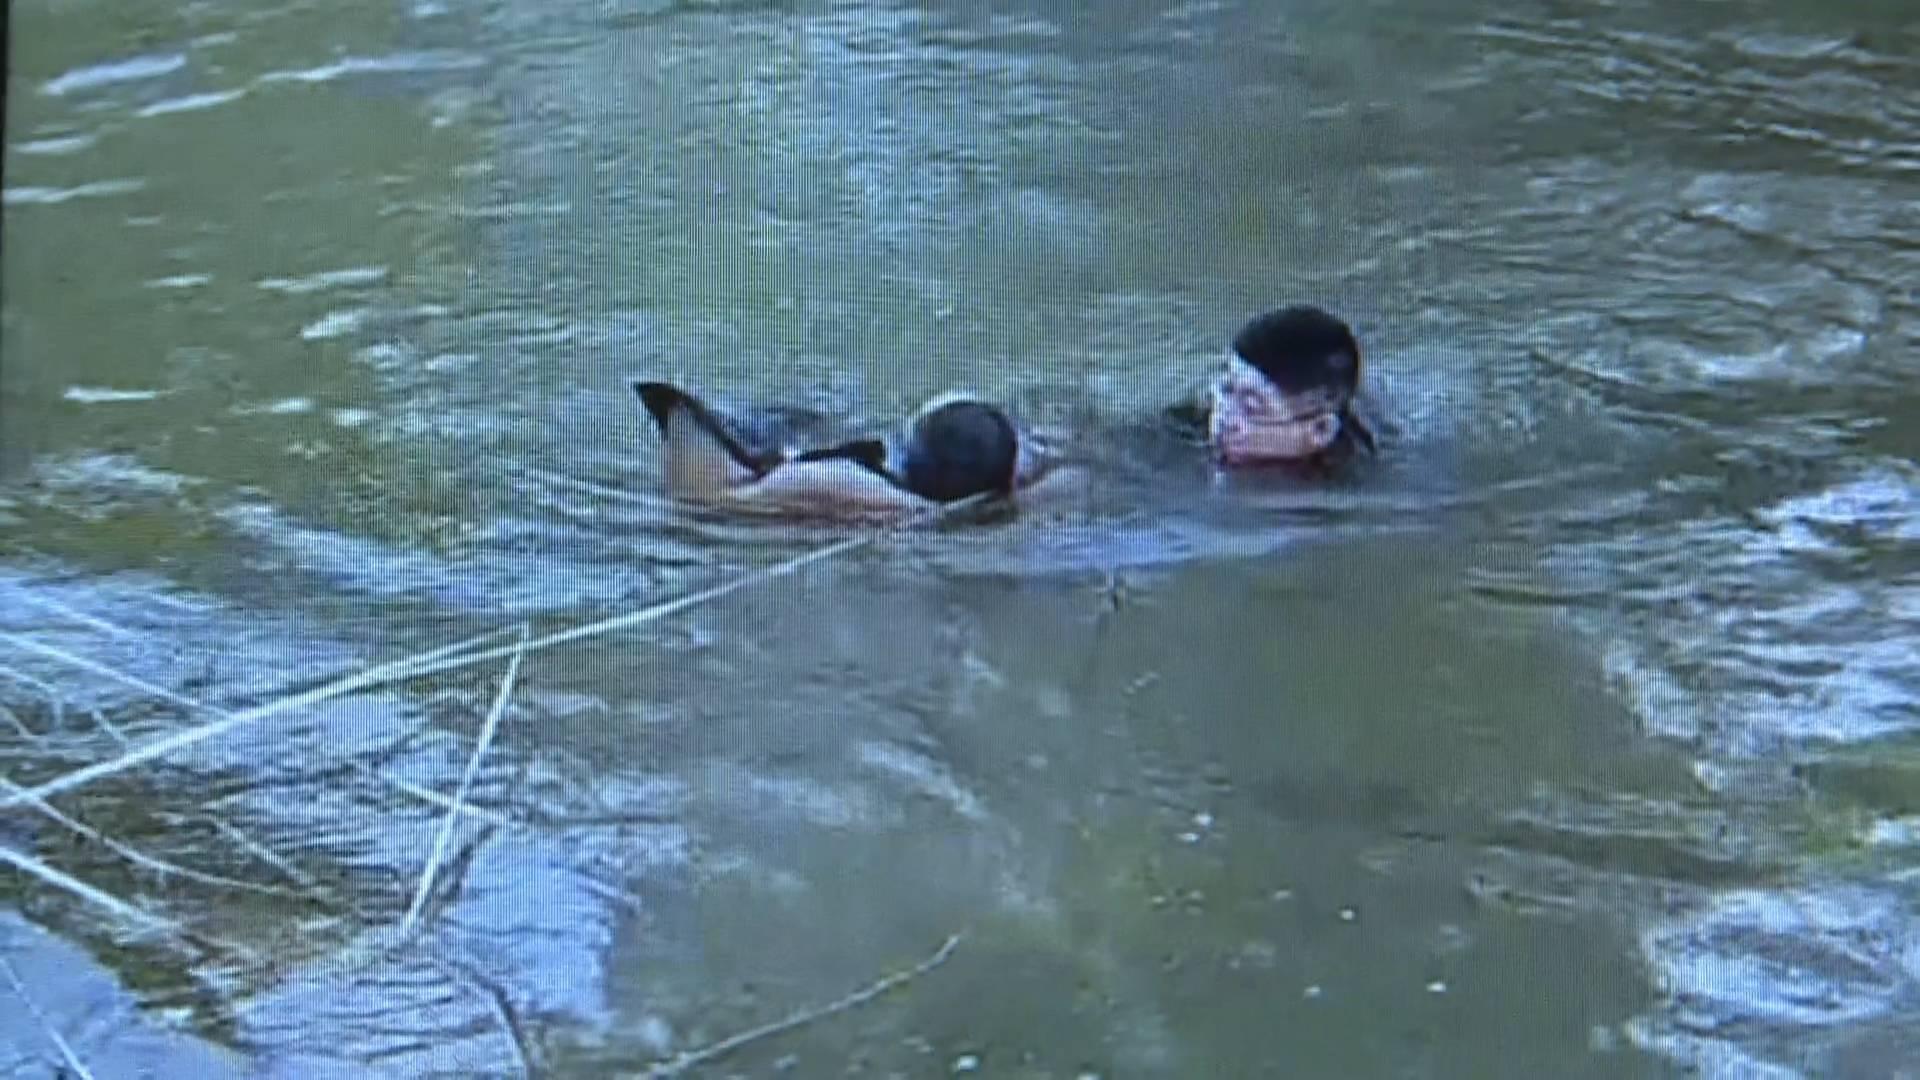 了不起的山东人丨鞋顾不上脱就跳进水里 菏泽巨野一村民勇救落水儿童